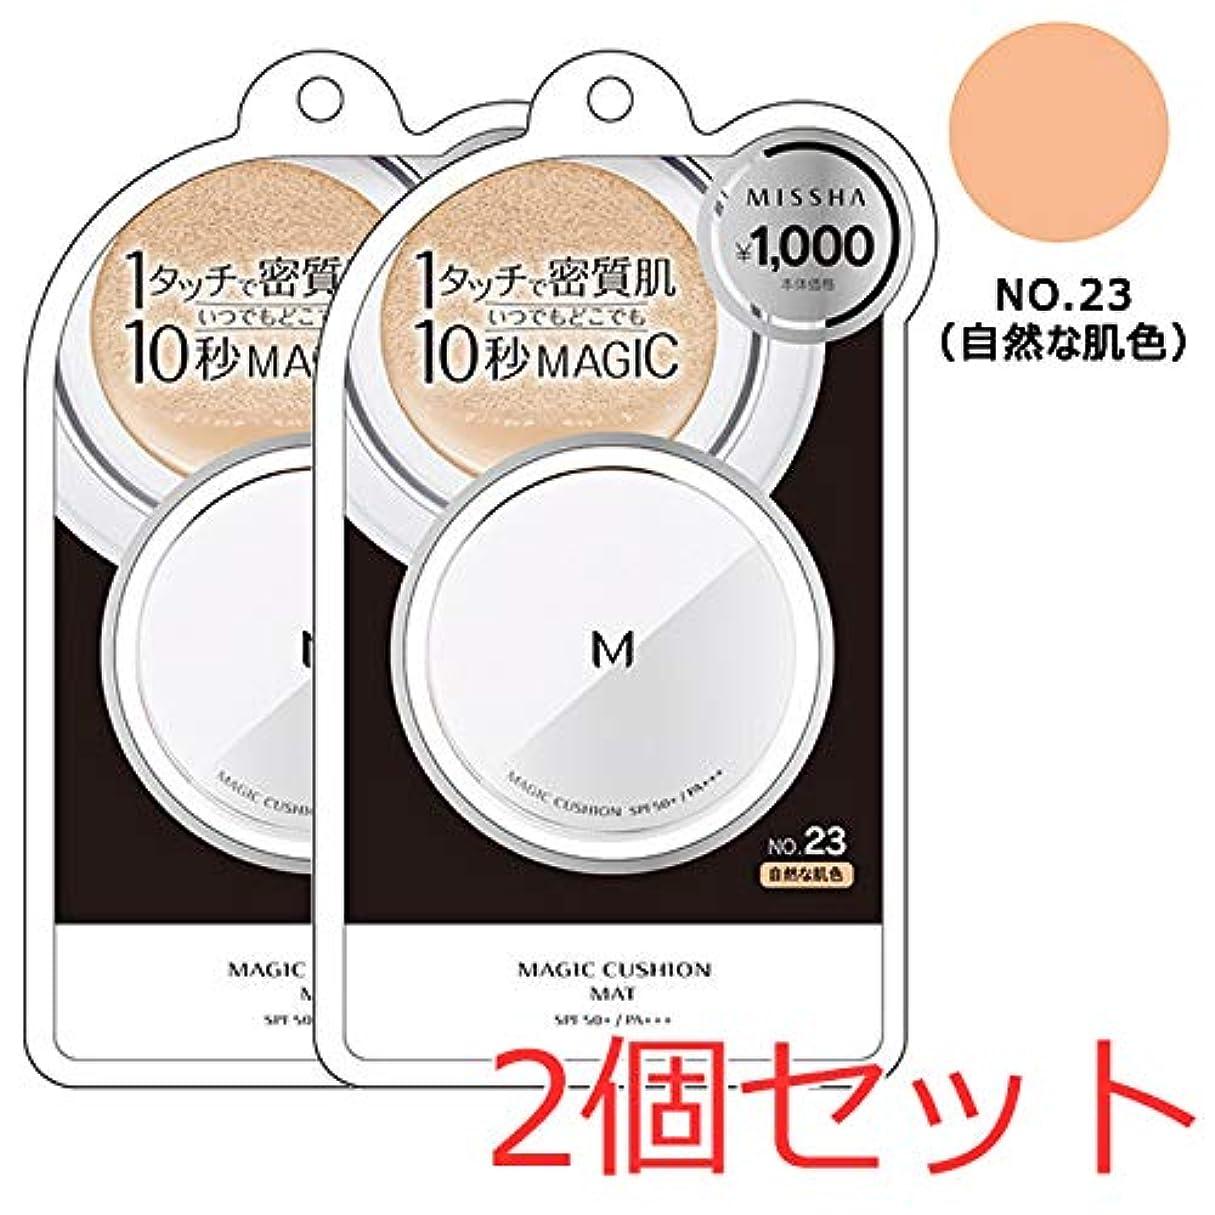 法令スキャンダル大いにミシャ M クッション ファンデーション (マット) No.23 自然な肌色 2個セット